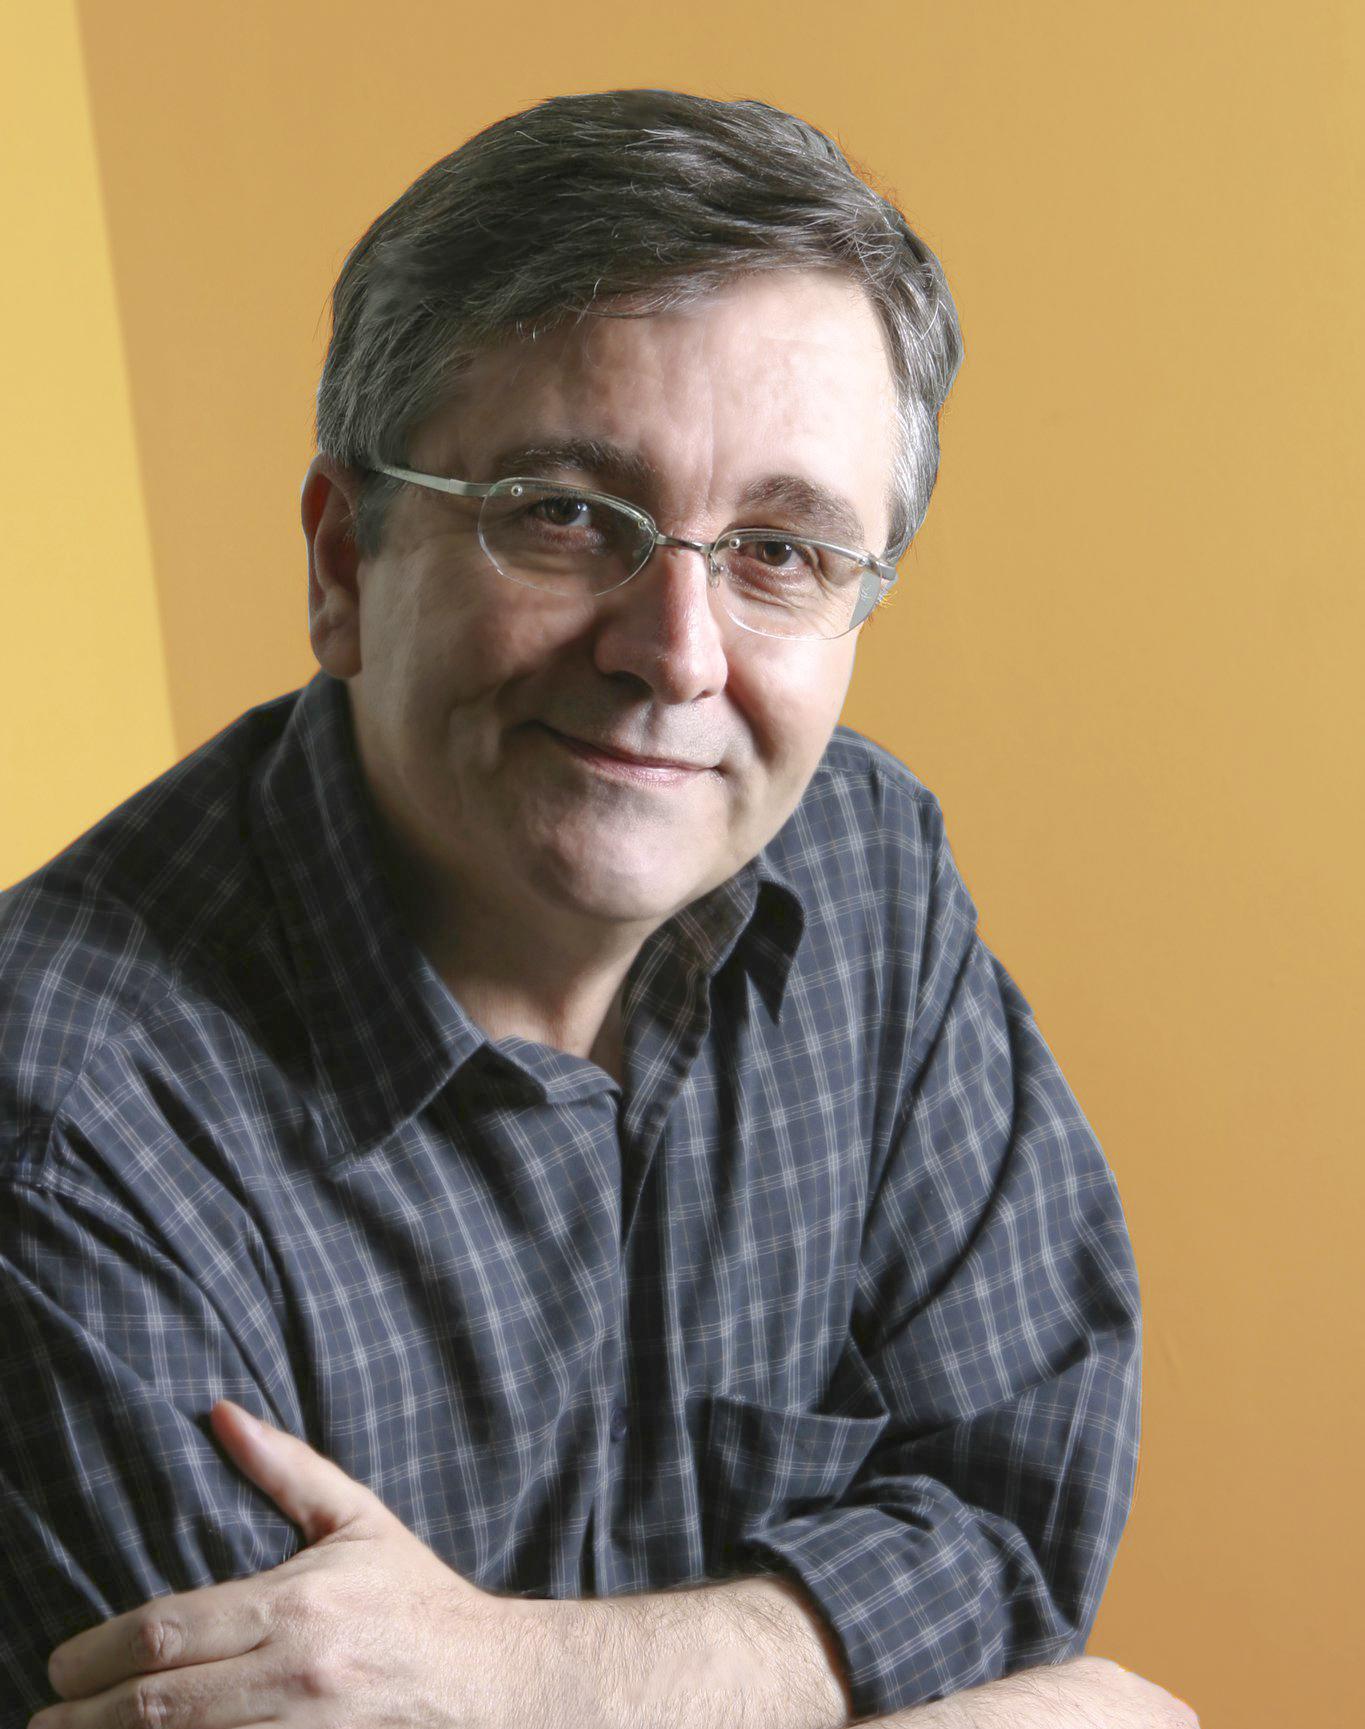 Claudio Fragata